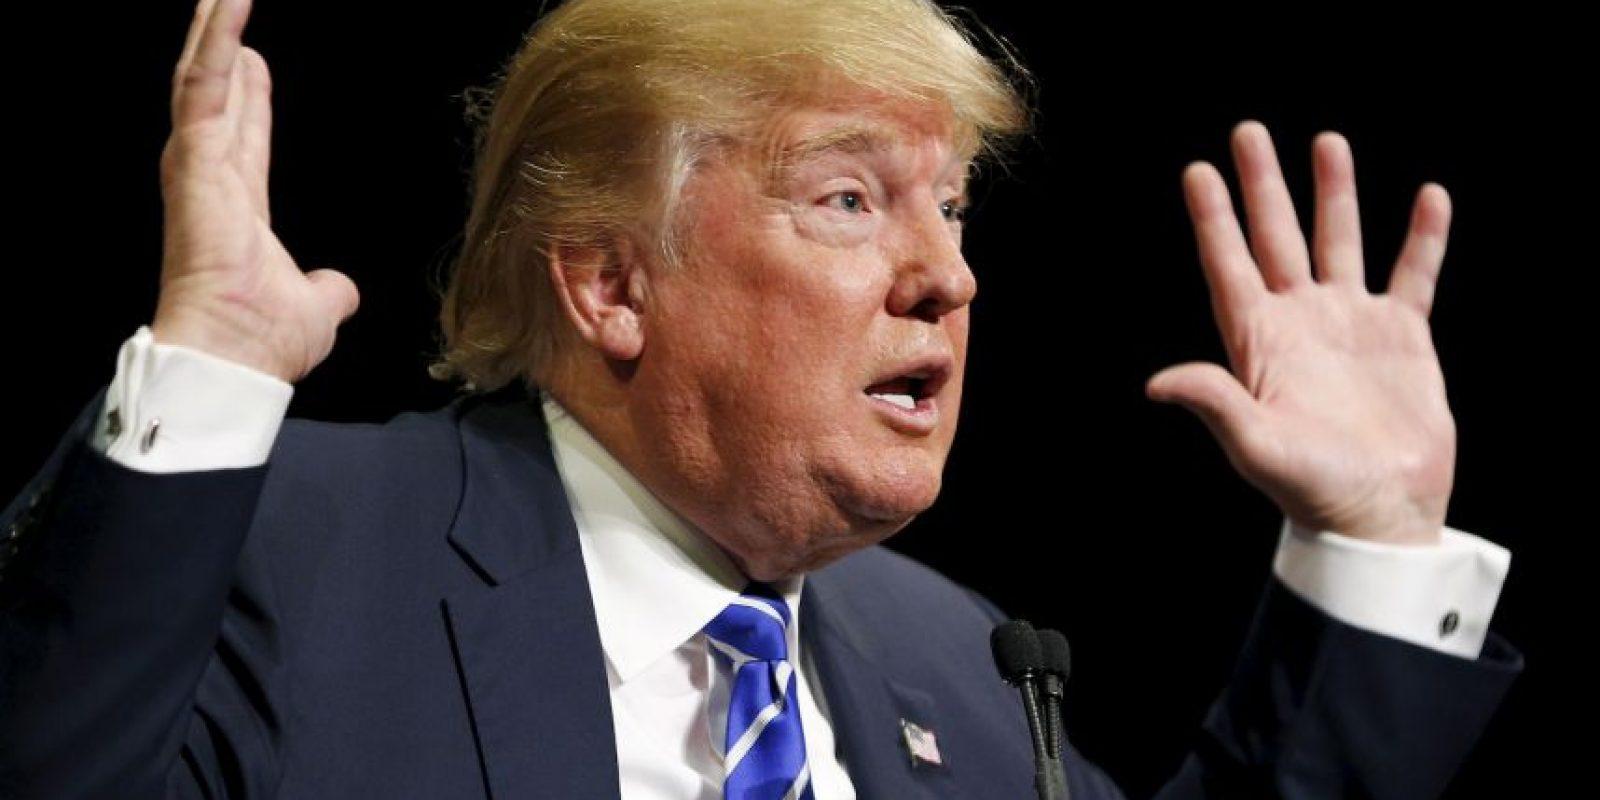 Y Donald Trump aseguró que apoya la decisión y está contento de continuar la batalla contra Clinton. Foto:AP